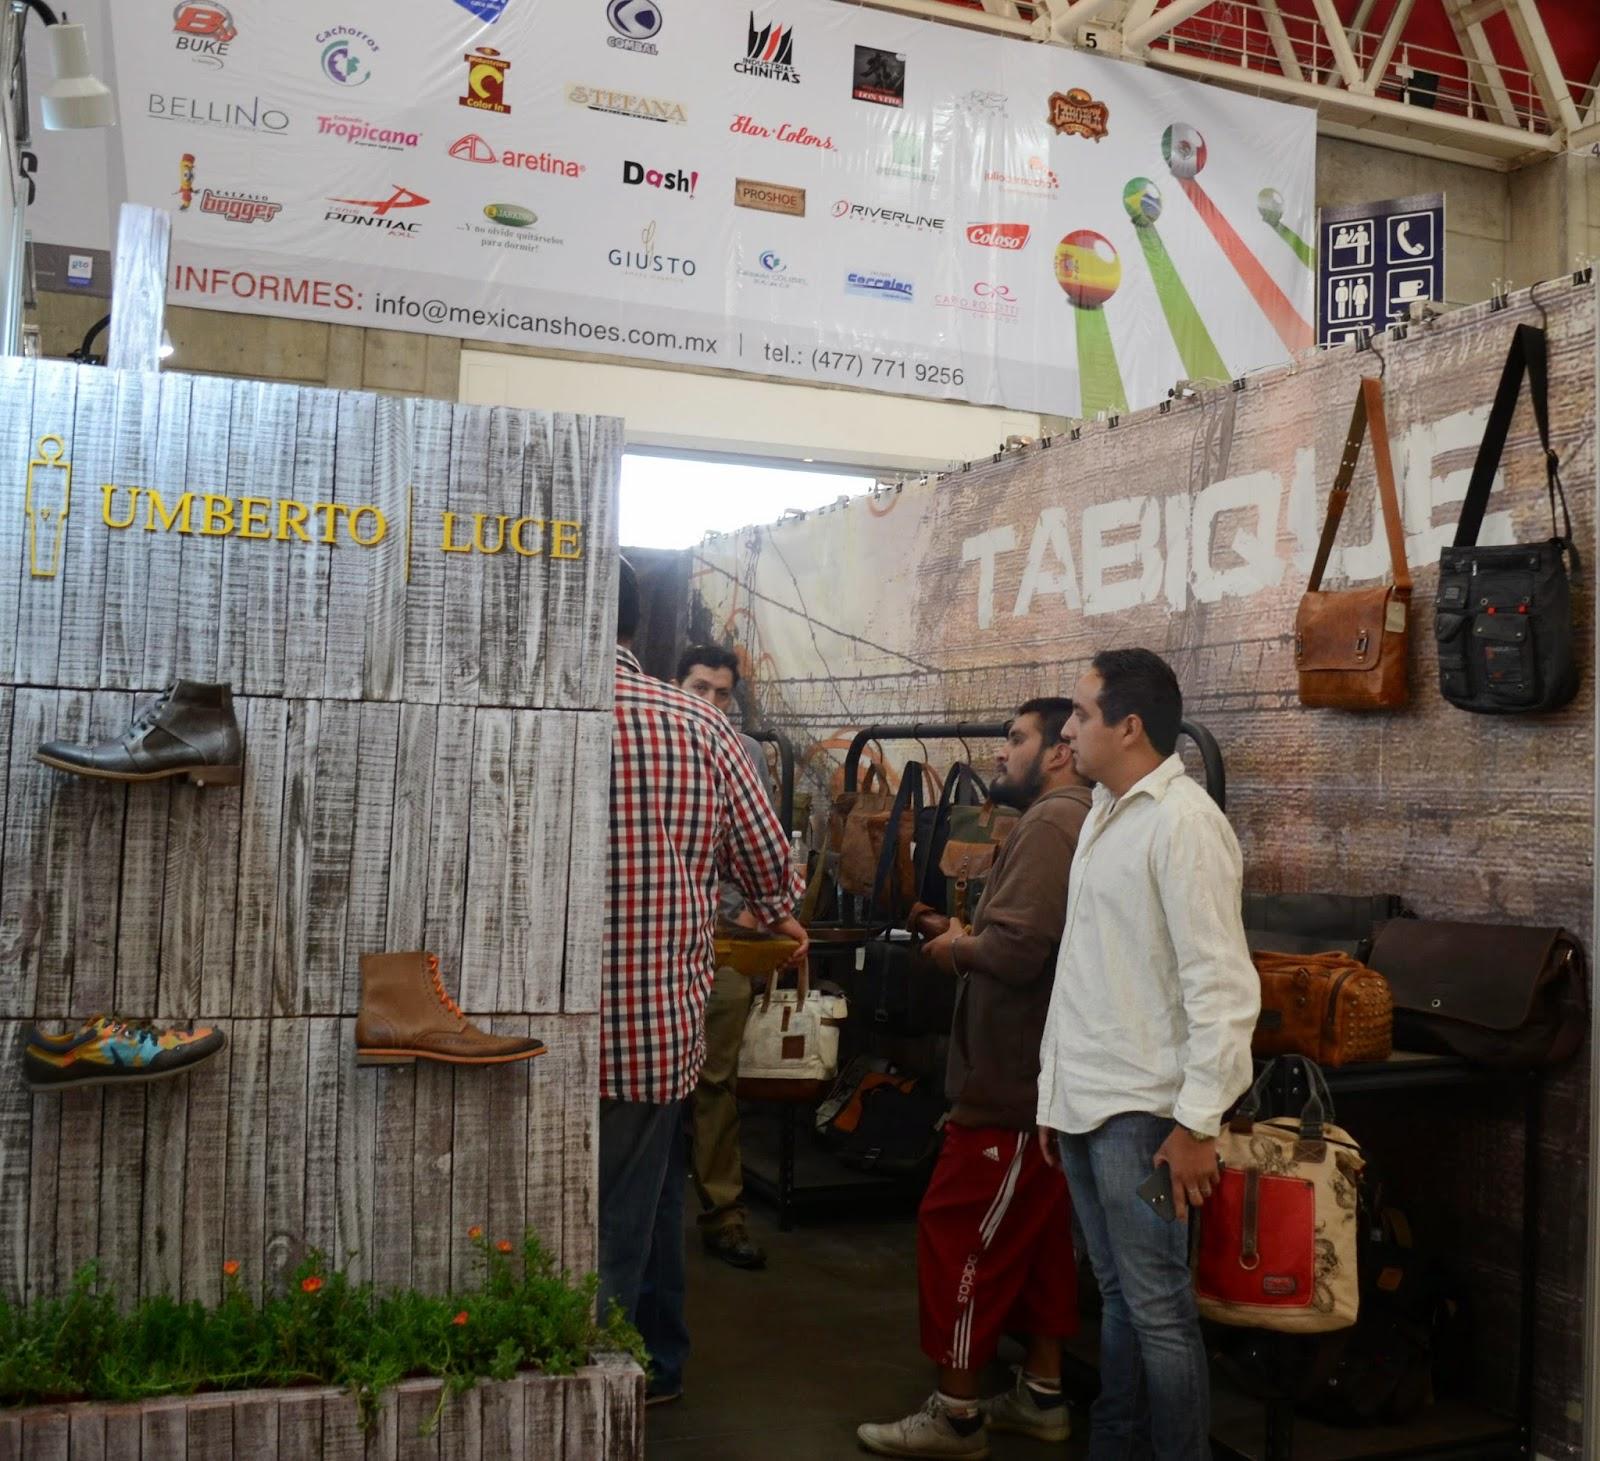 calzado mexicano, sapica, humberto luce, moda, diseño, compradores